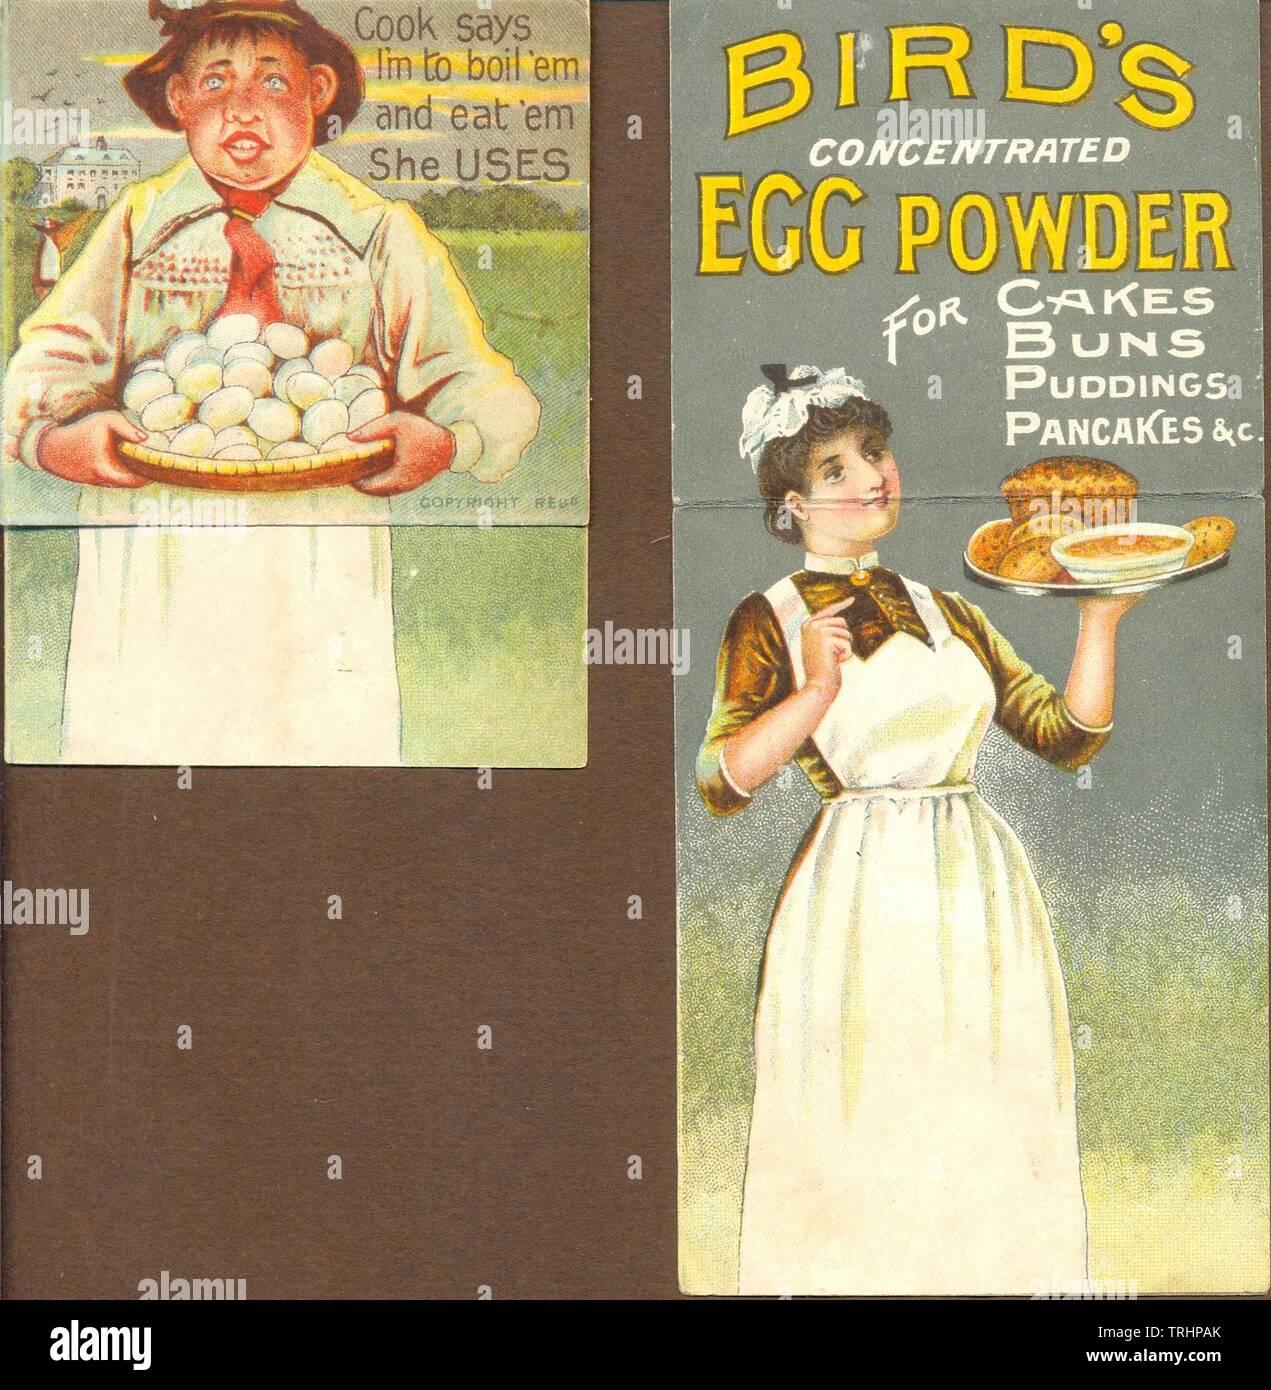 Pubblicità mobile per bird's concentrato in polvere di uova circa 1890 Foto Stock